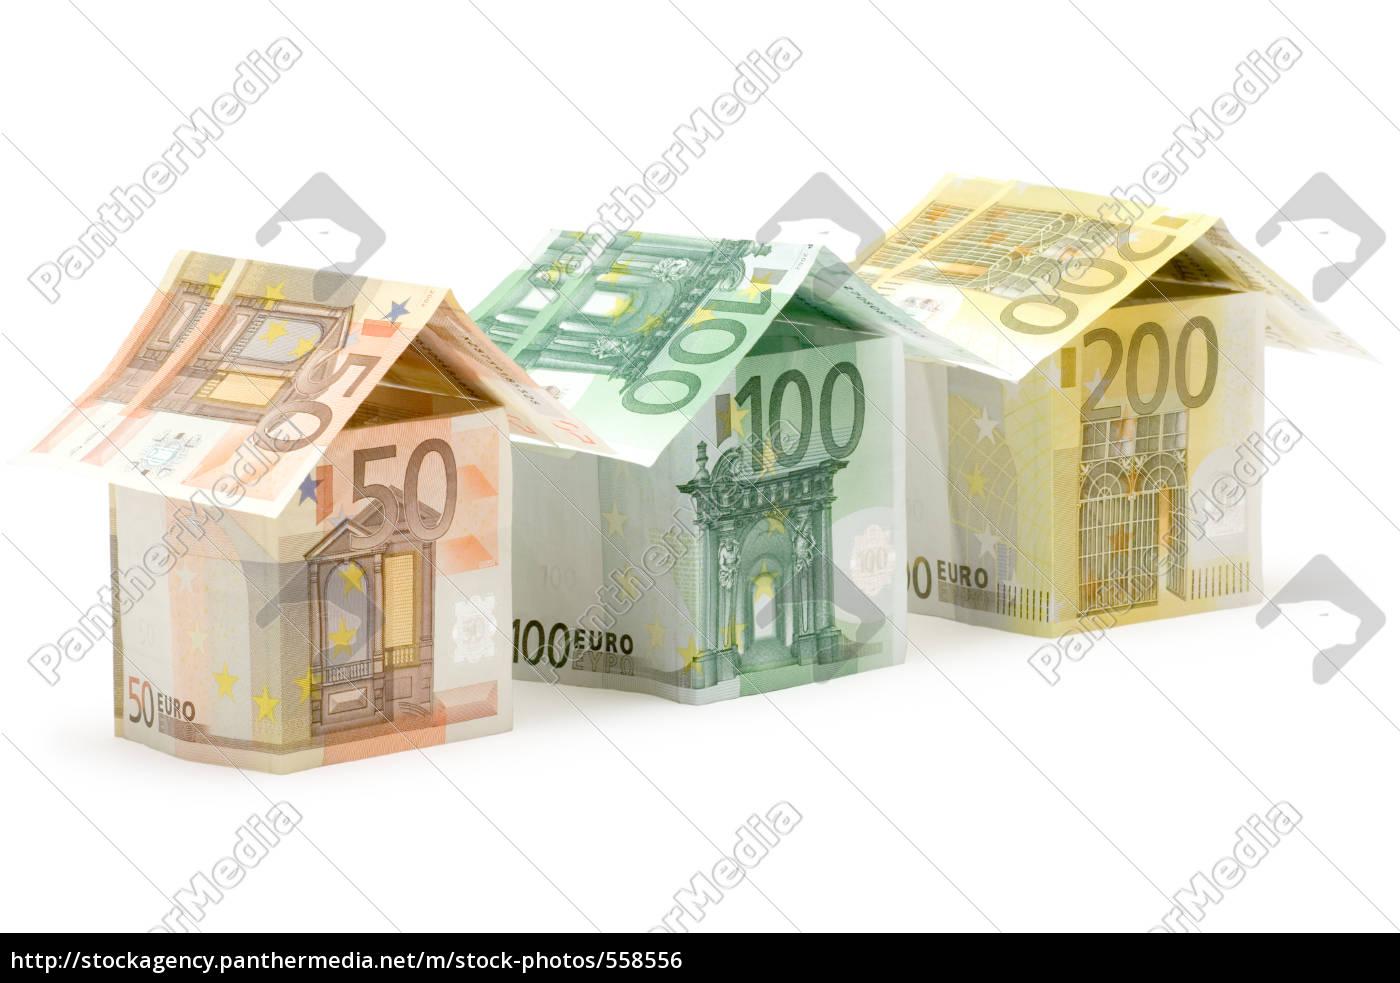 euro, houses - 558556